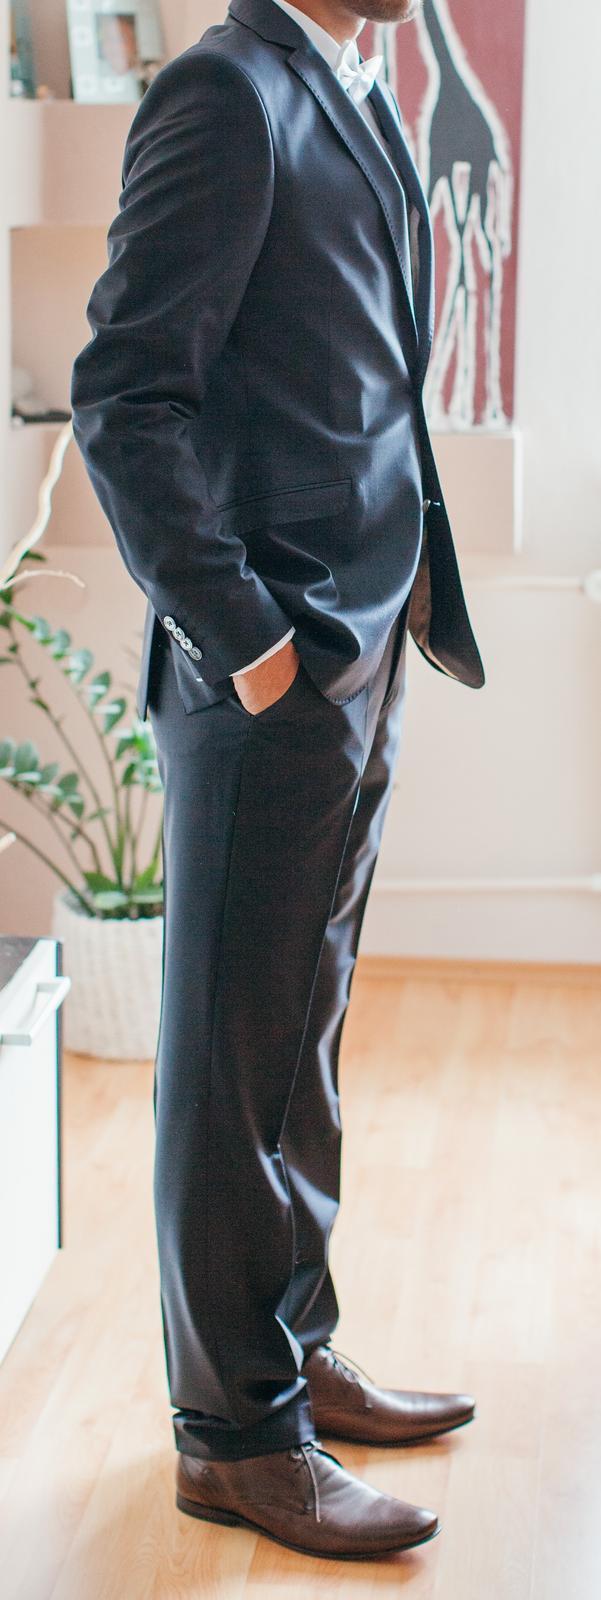 11e798f05997 Svadobný tmavomodrý oblek ozeta